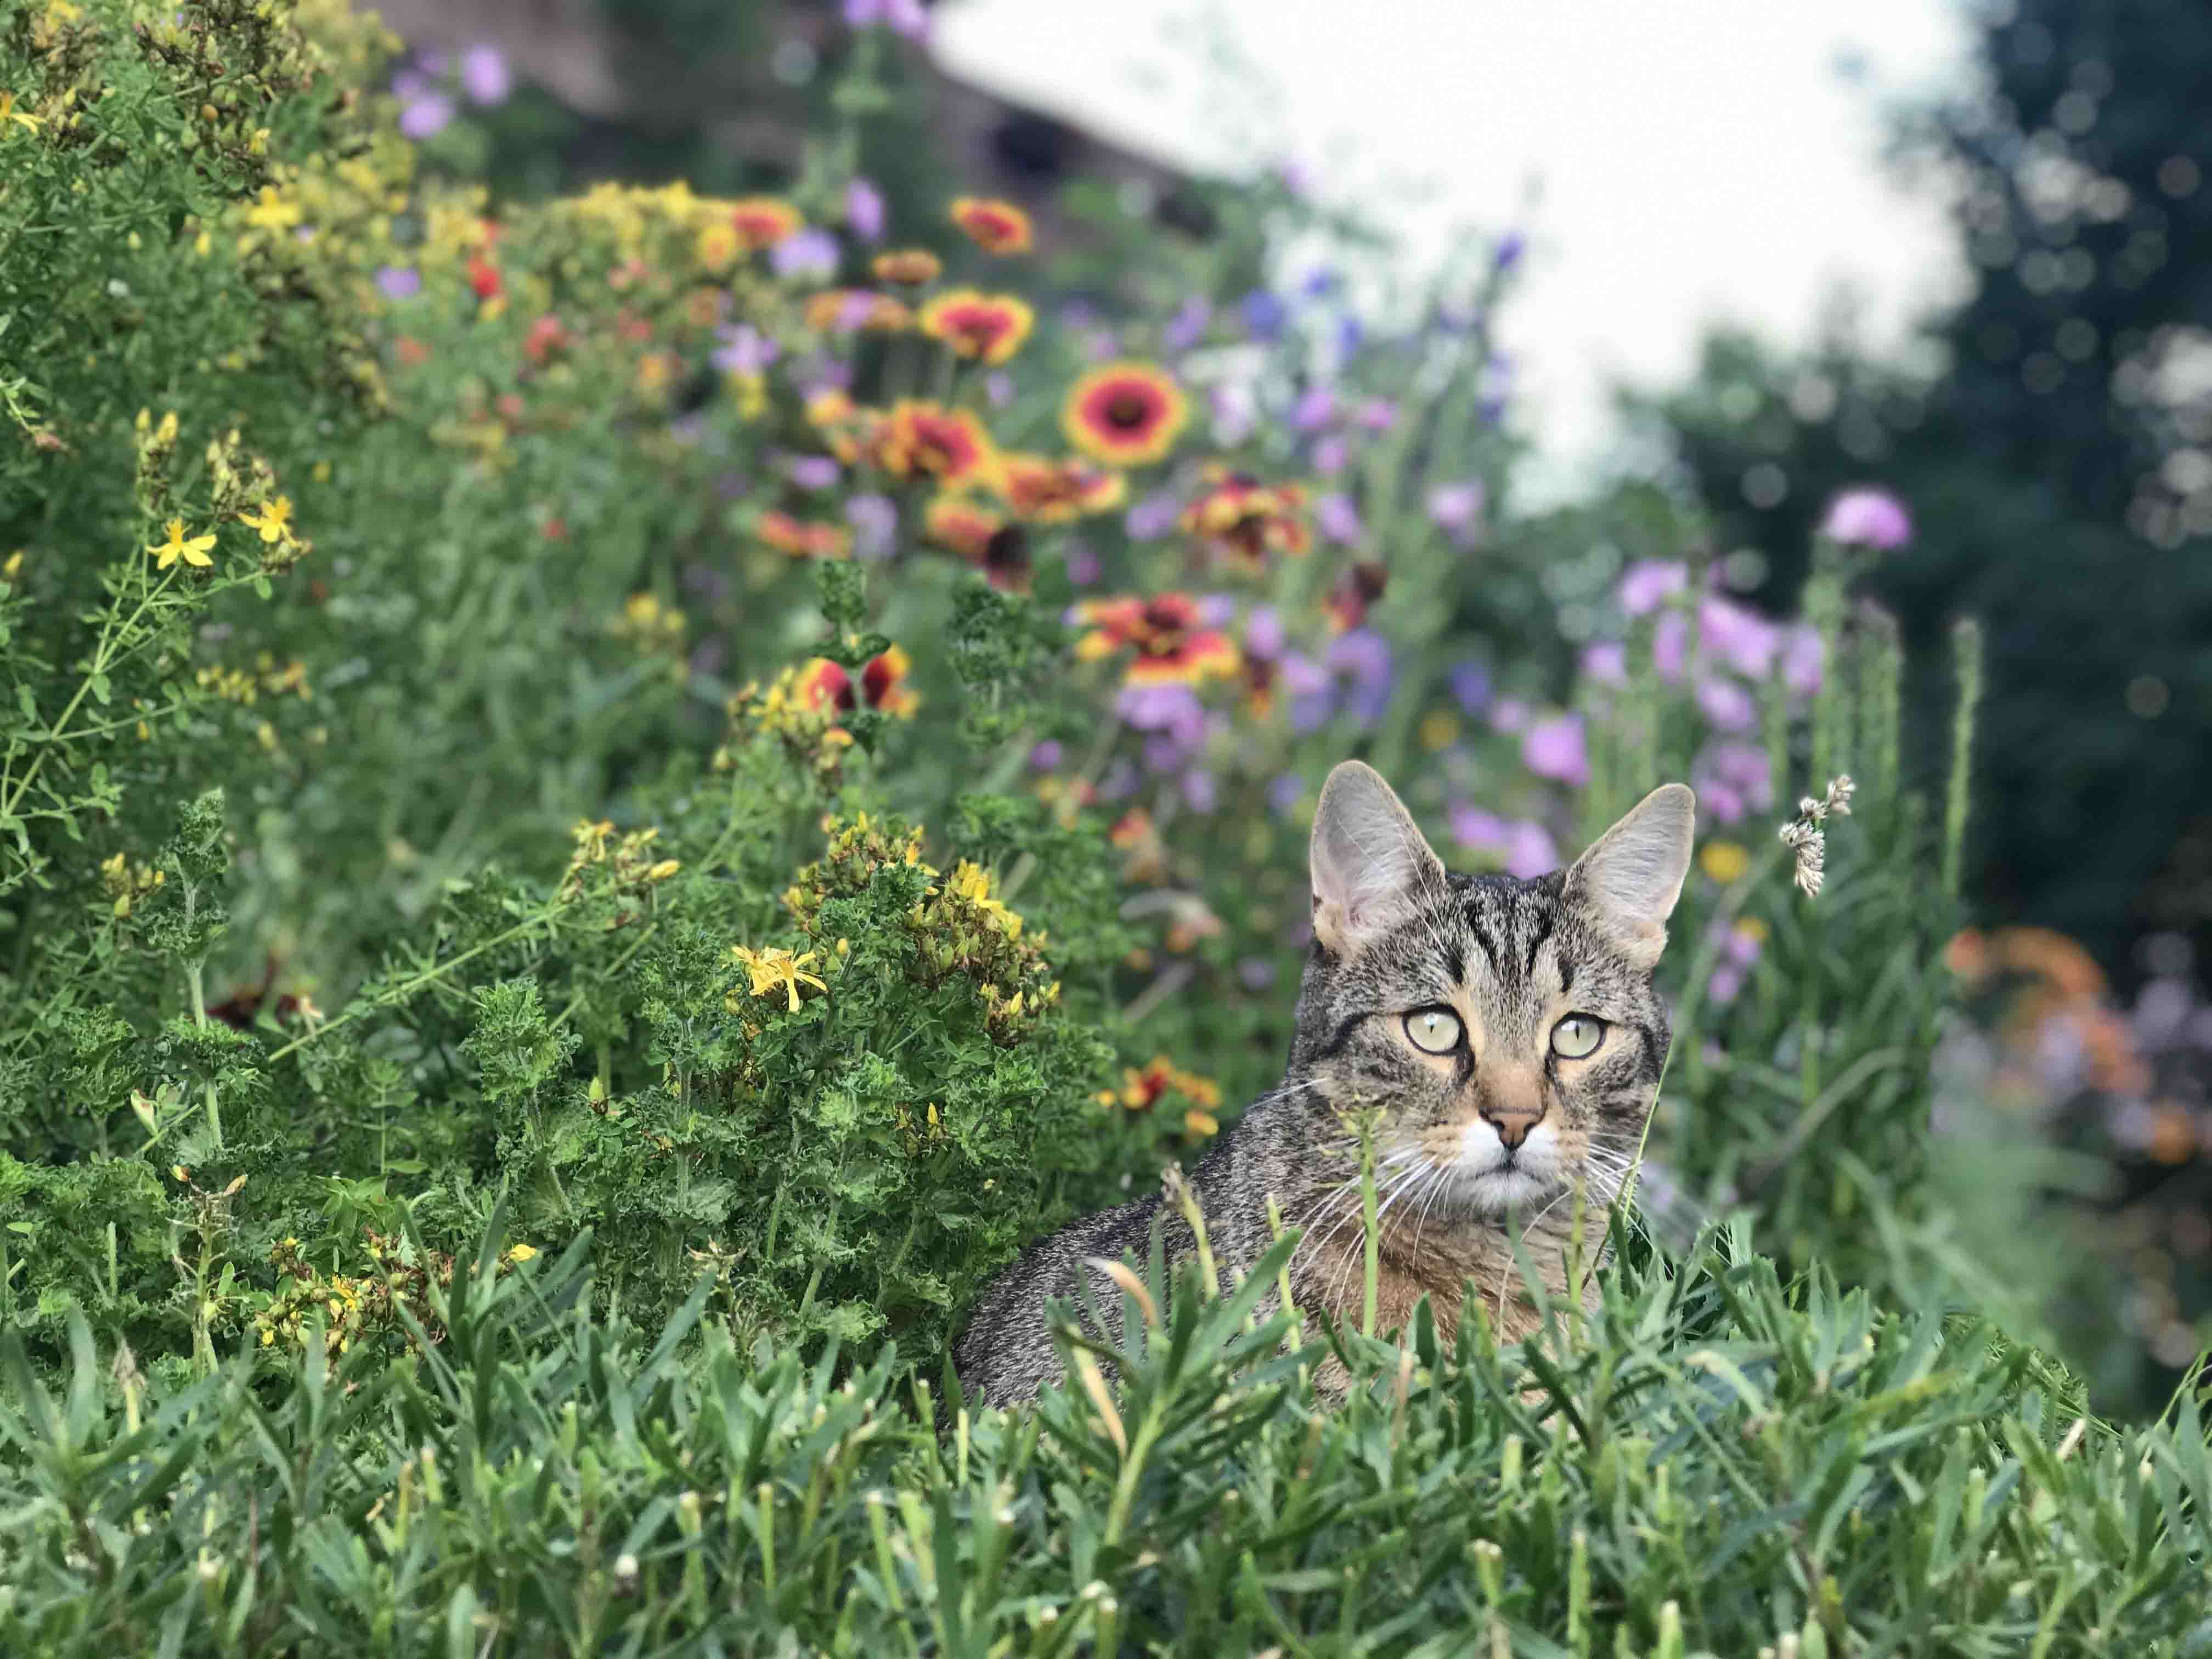 Balu the Cat